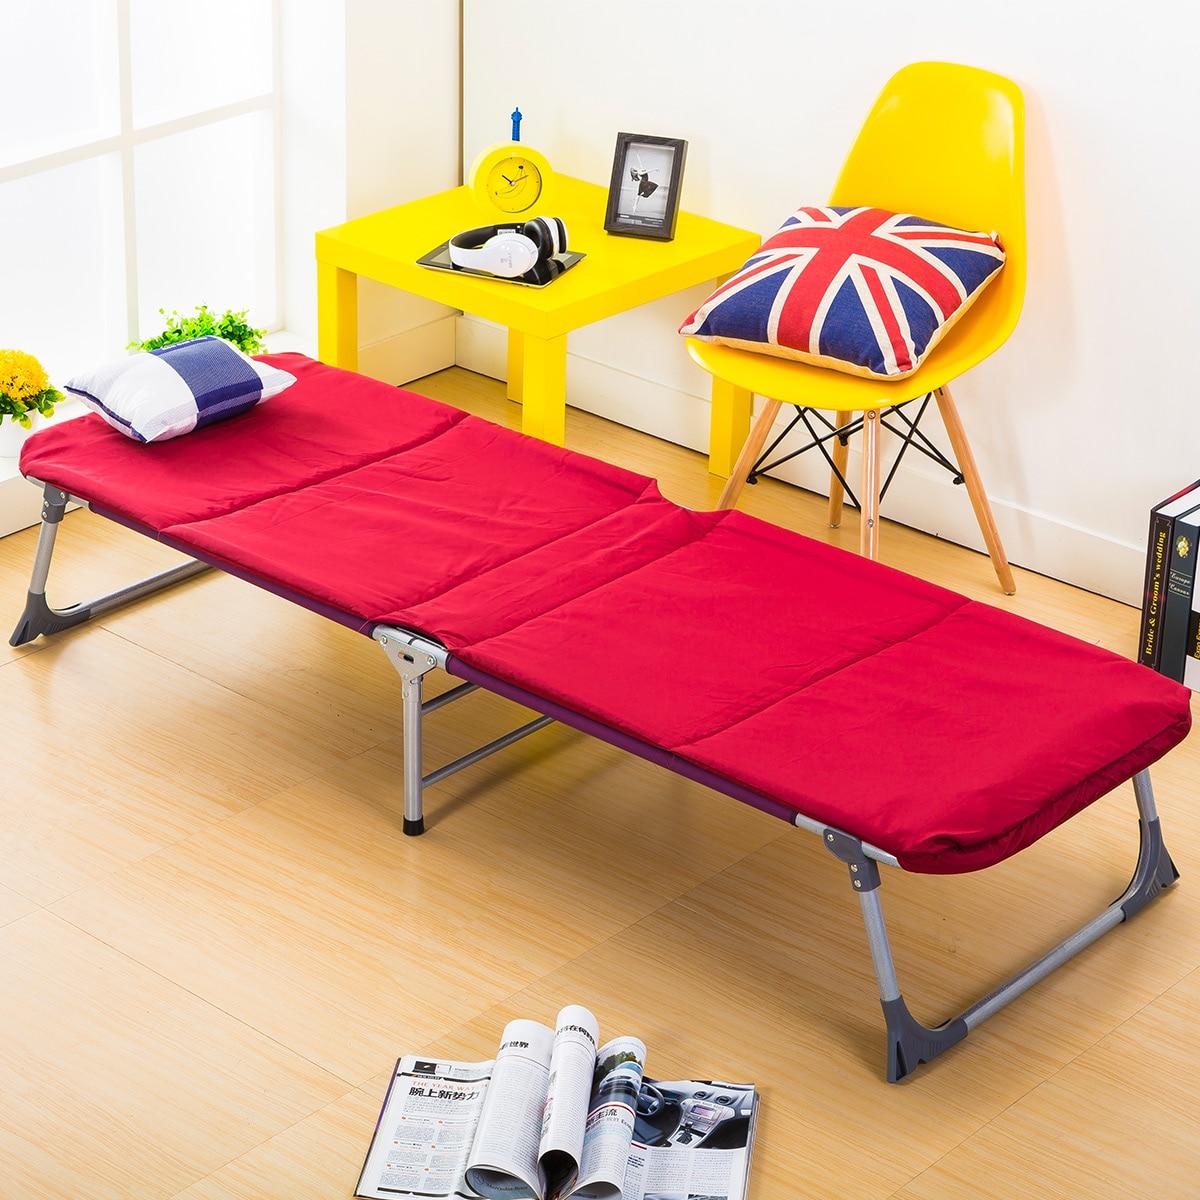 Nueva llegada plegable Simple cama mediodía romper uso doméstico, ocio Oficina mintiendo cama de playa al aire libre balcón sillas de sol